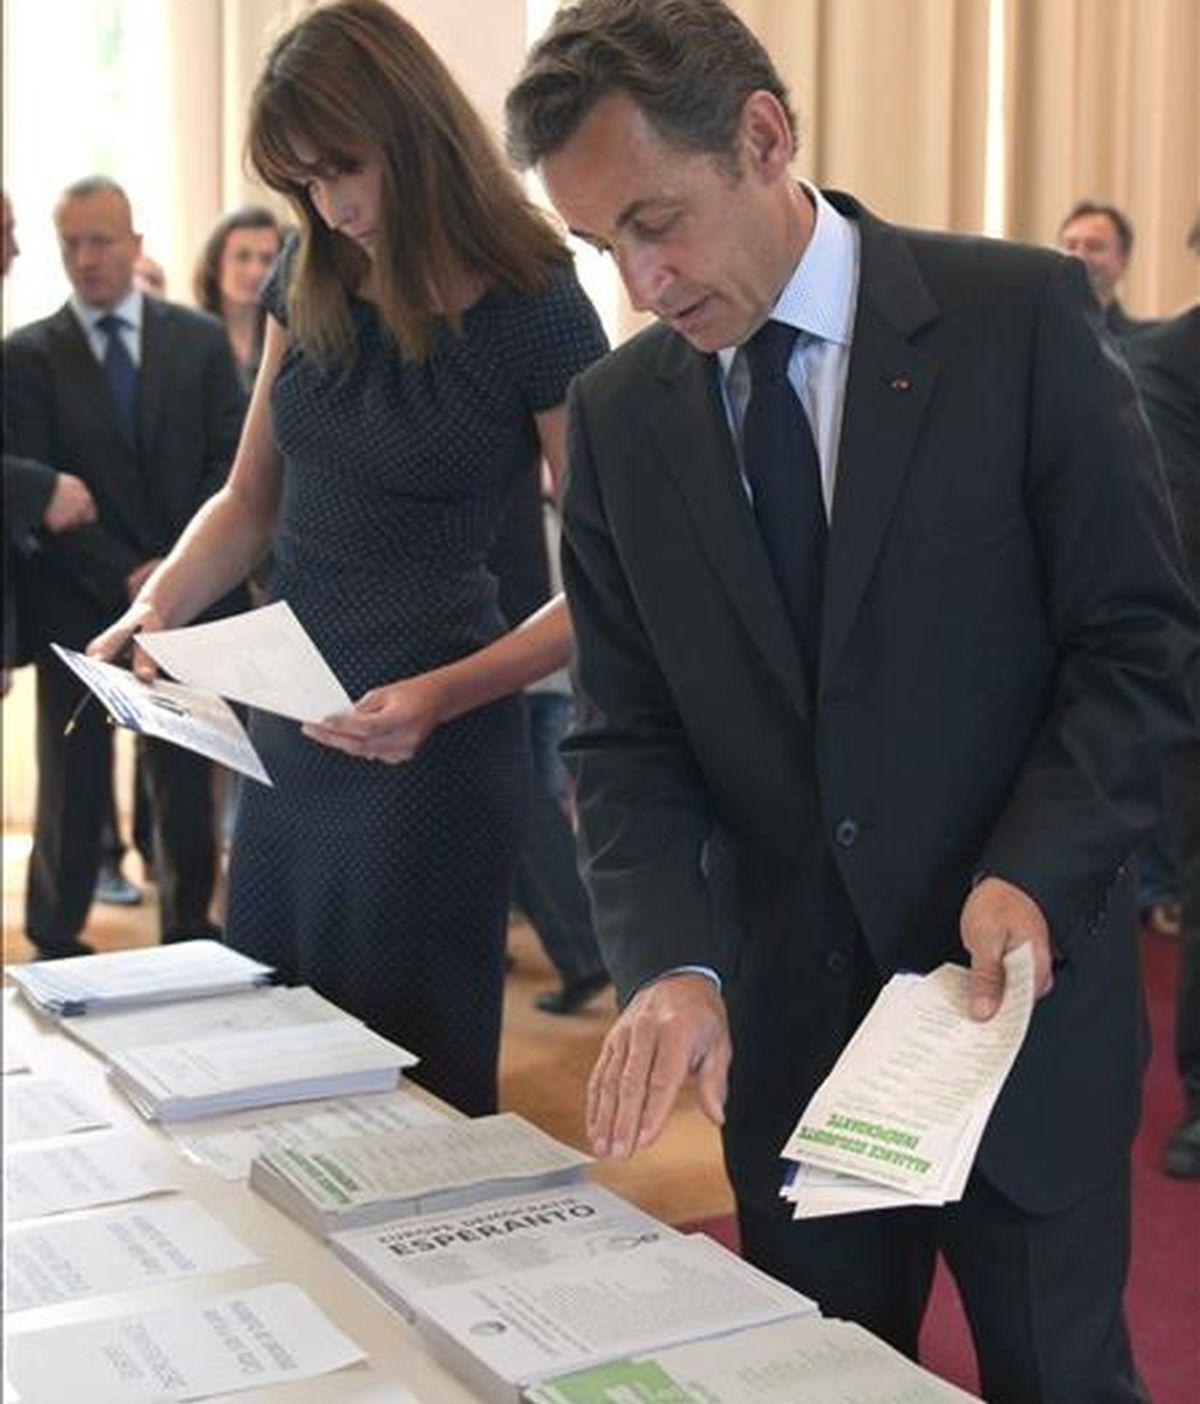 El presidente francés, Nicolas Sarkozy (d), y su esposa, Carla Bruni-Sarkozy, seleccionan unas cuantas papeletas antes de votar en un colegio electoral de París. EFE